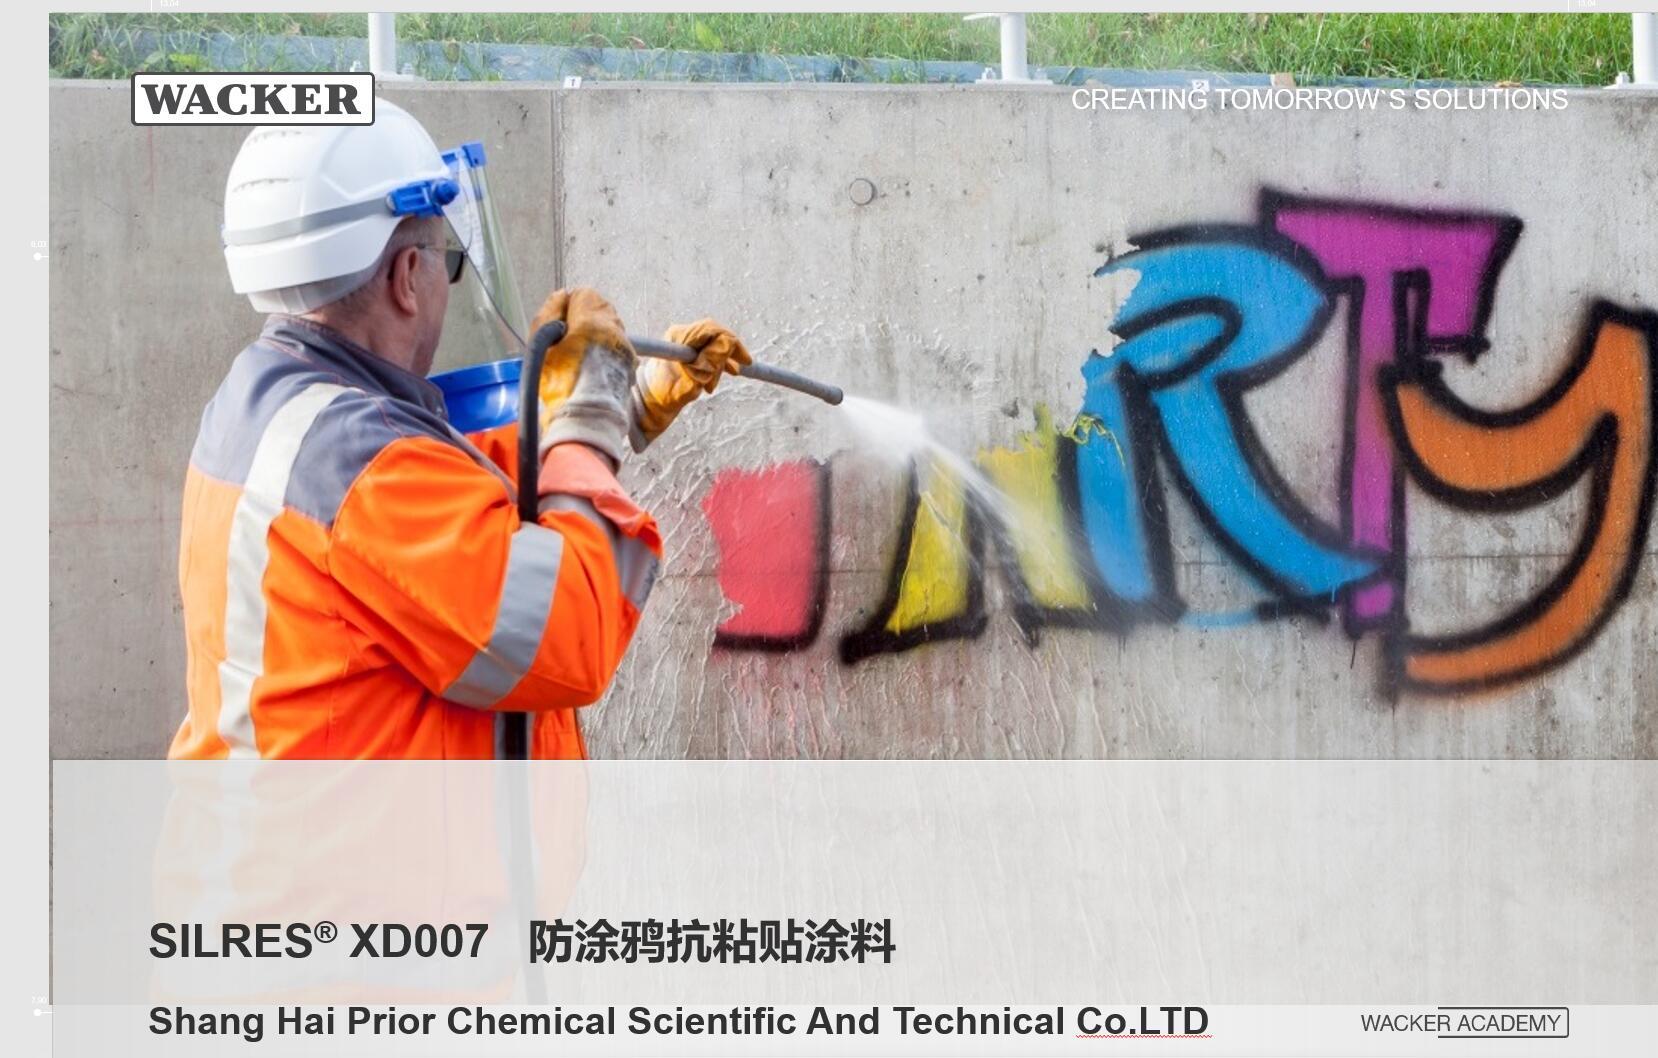 北京直销XDSY007防涂鸦抗粘贴涂料质量商家「上海先铎化工科技供应」